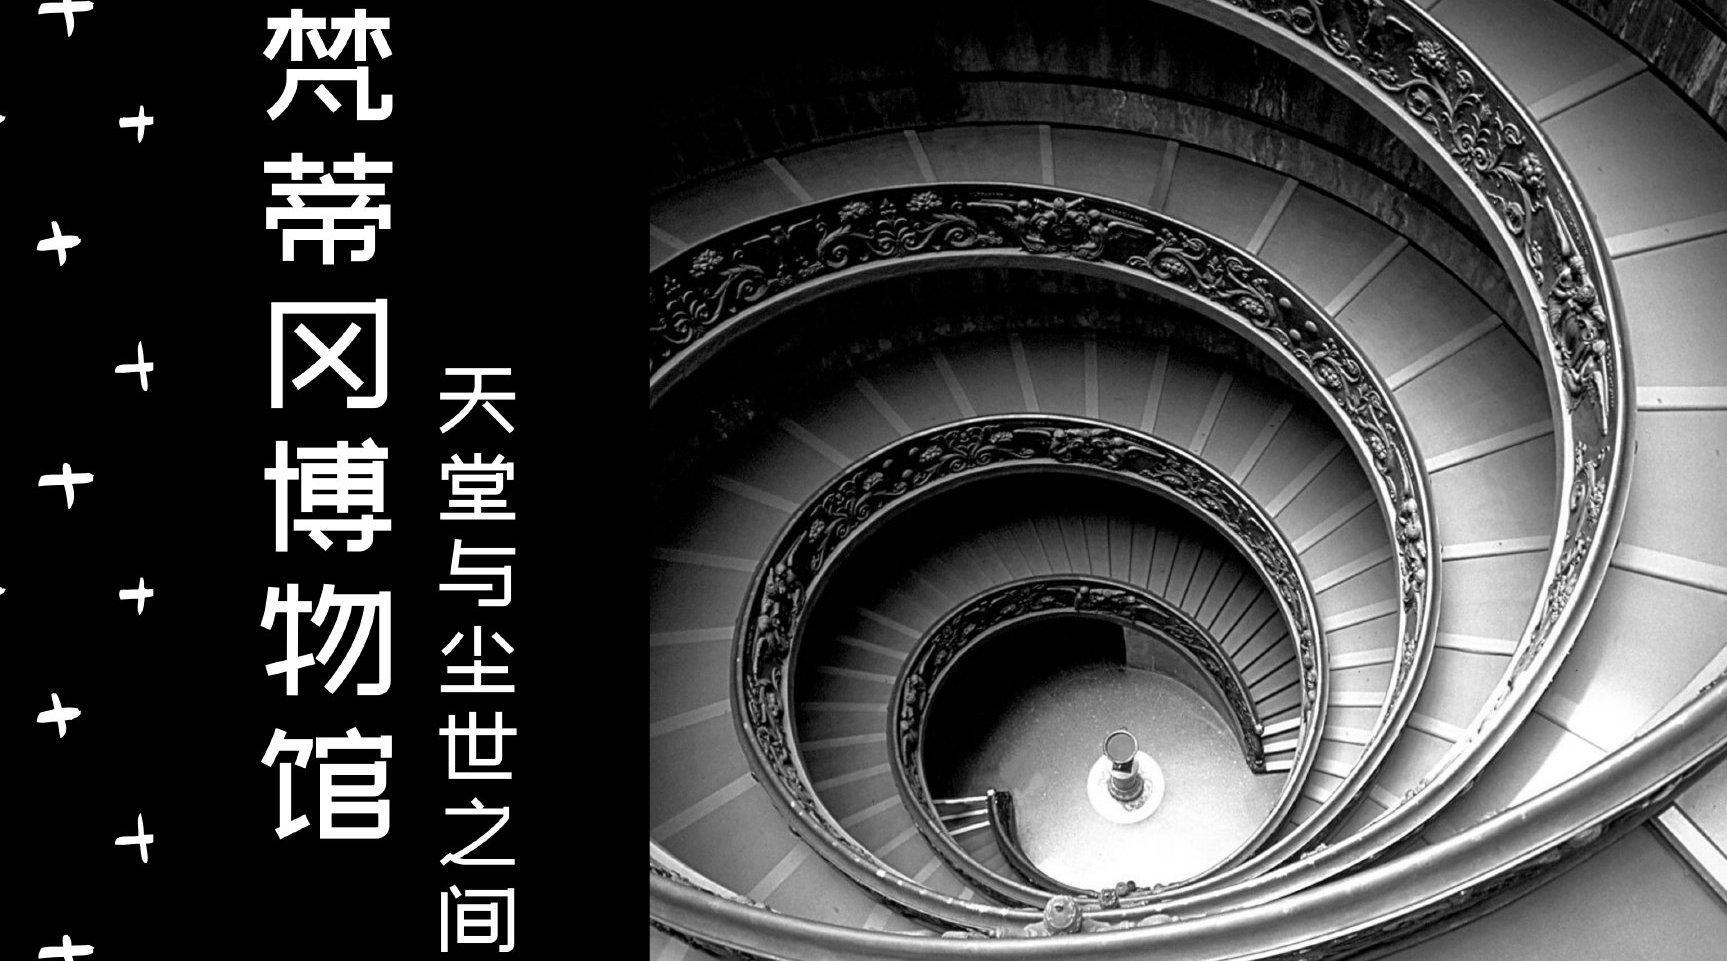 纪录片资源:《梵蒂冈博物馆:天堂与尘世之间》……